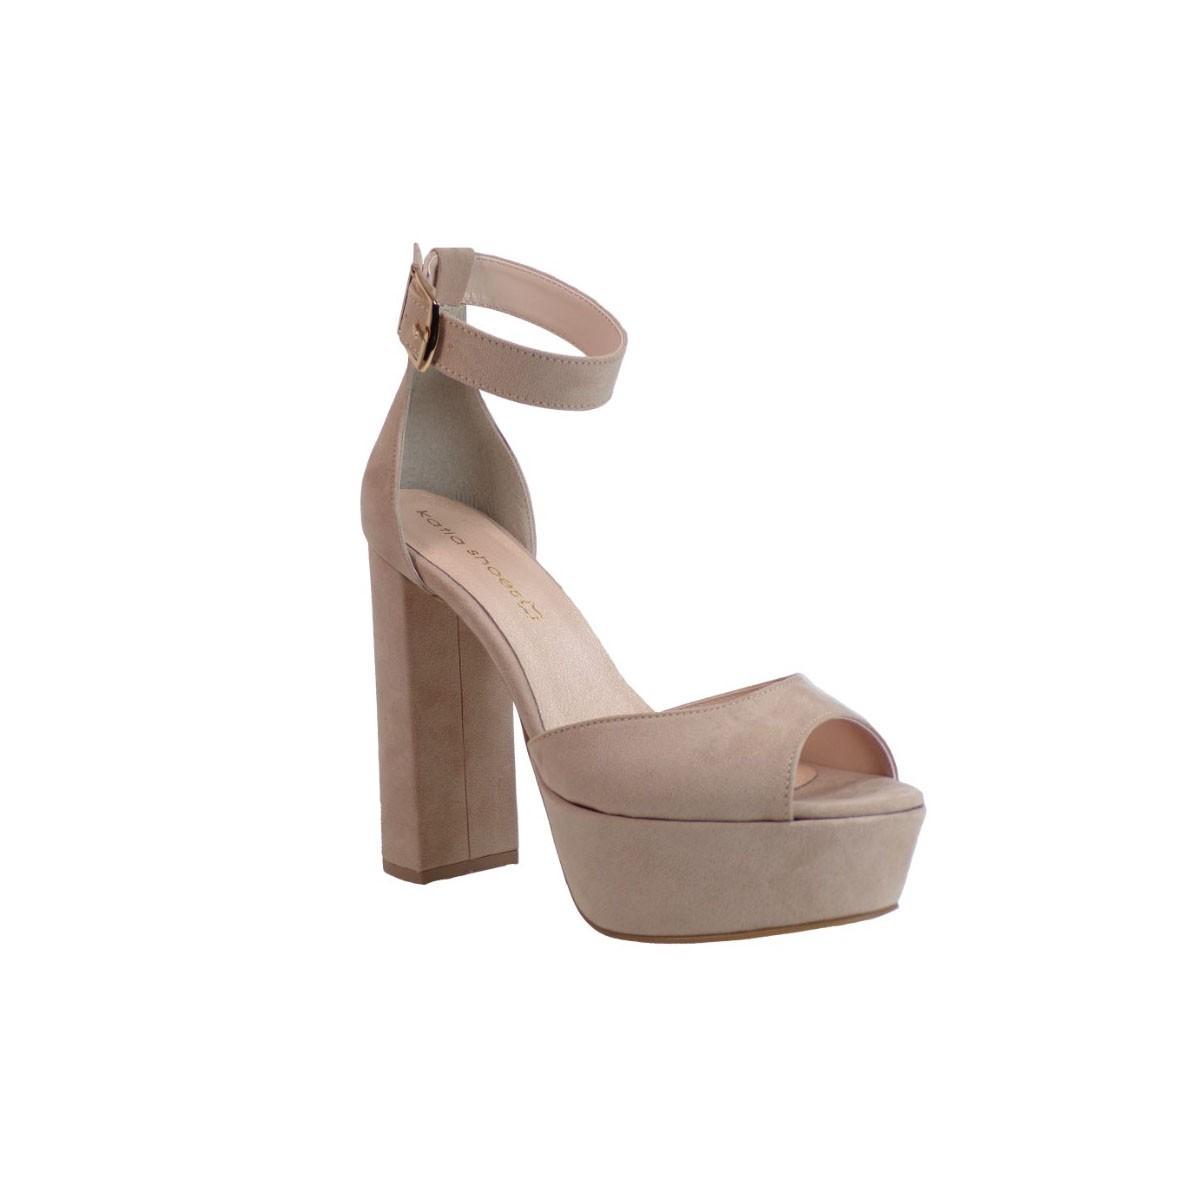 Katia Shoes Γυναικεία Πέδιλα 35/5003 Πούδρα Καστόρι Katia shoes 35/5003 Πούδρα